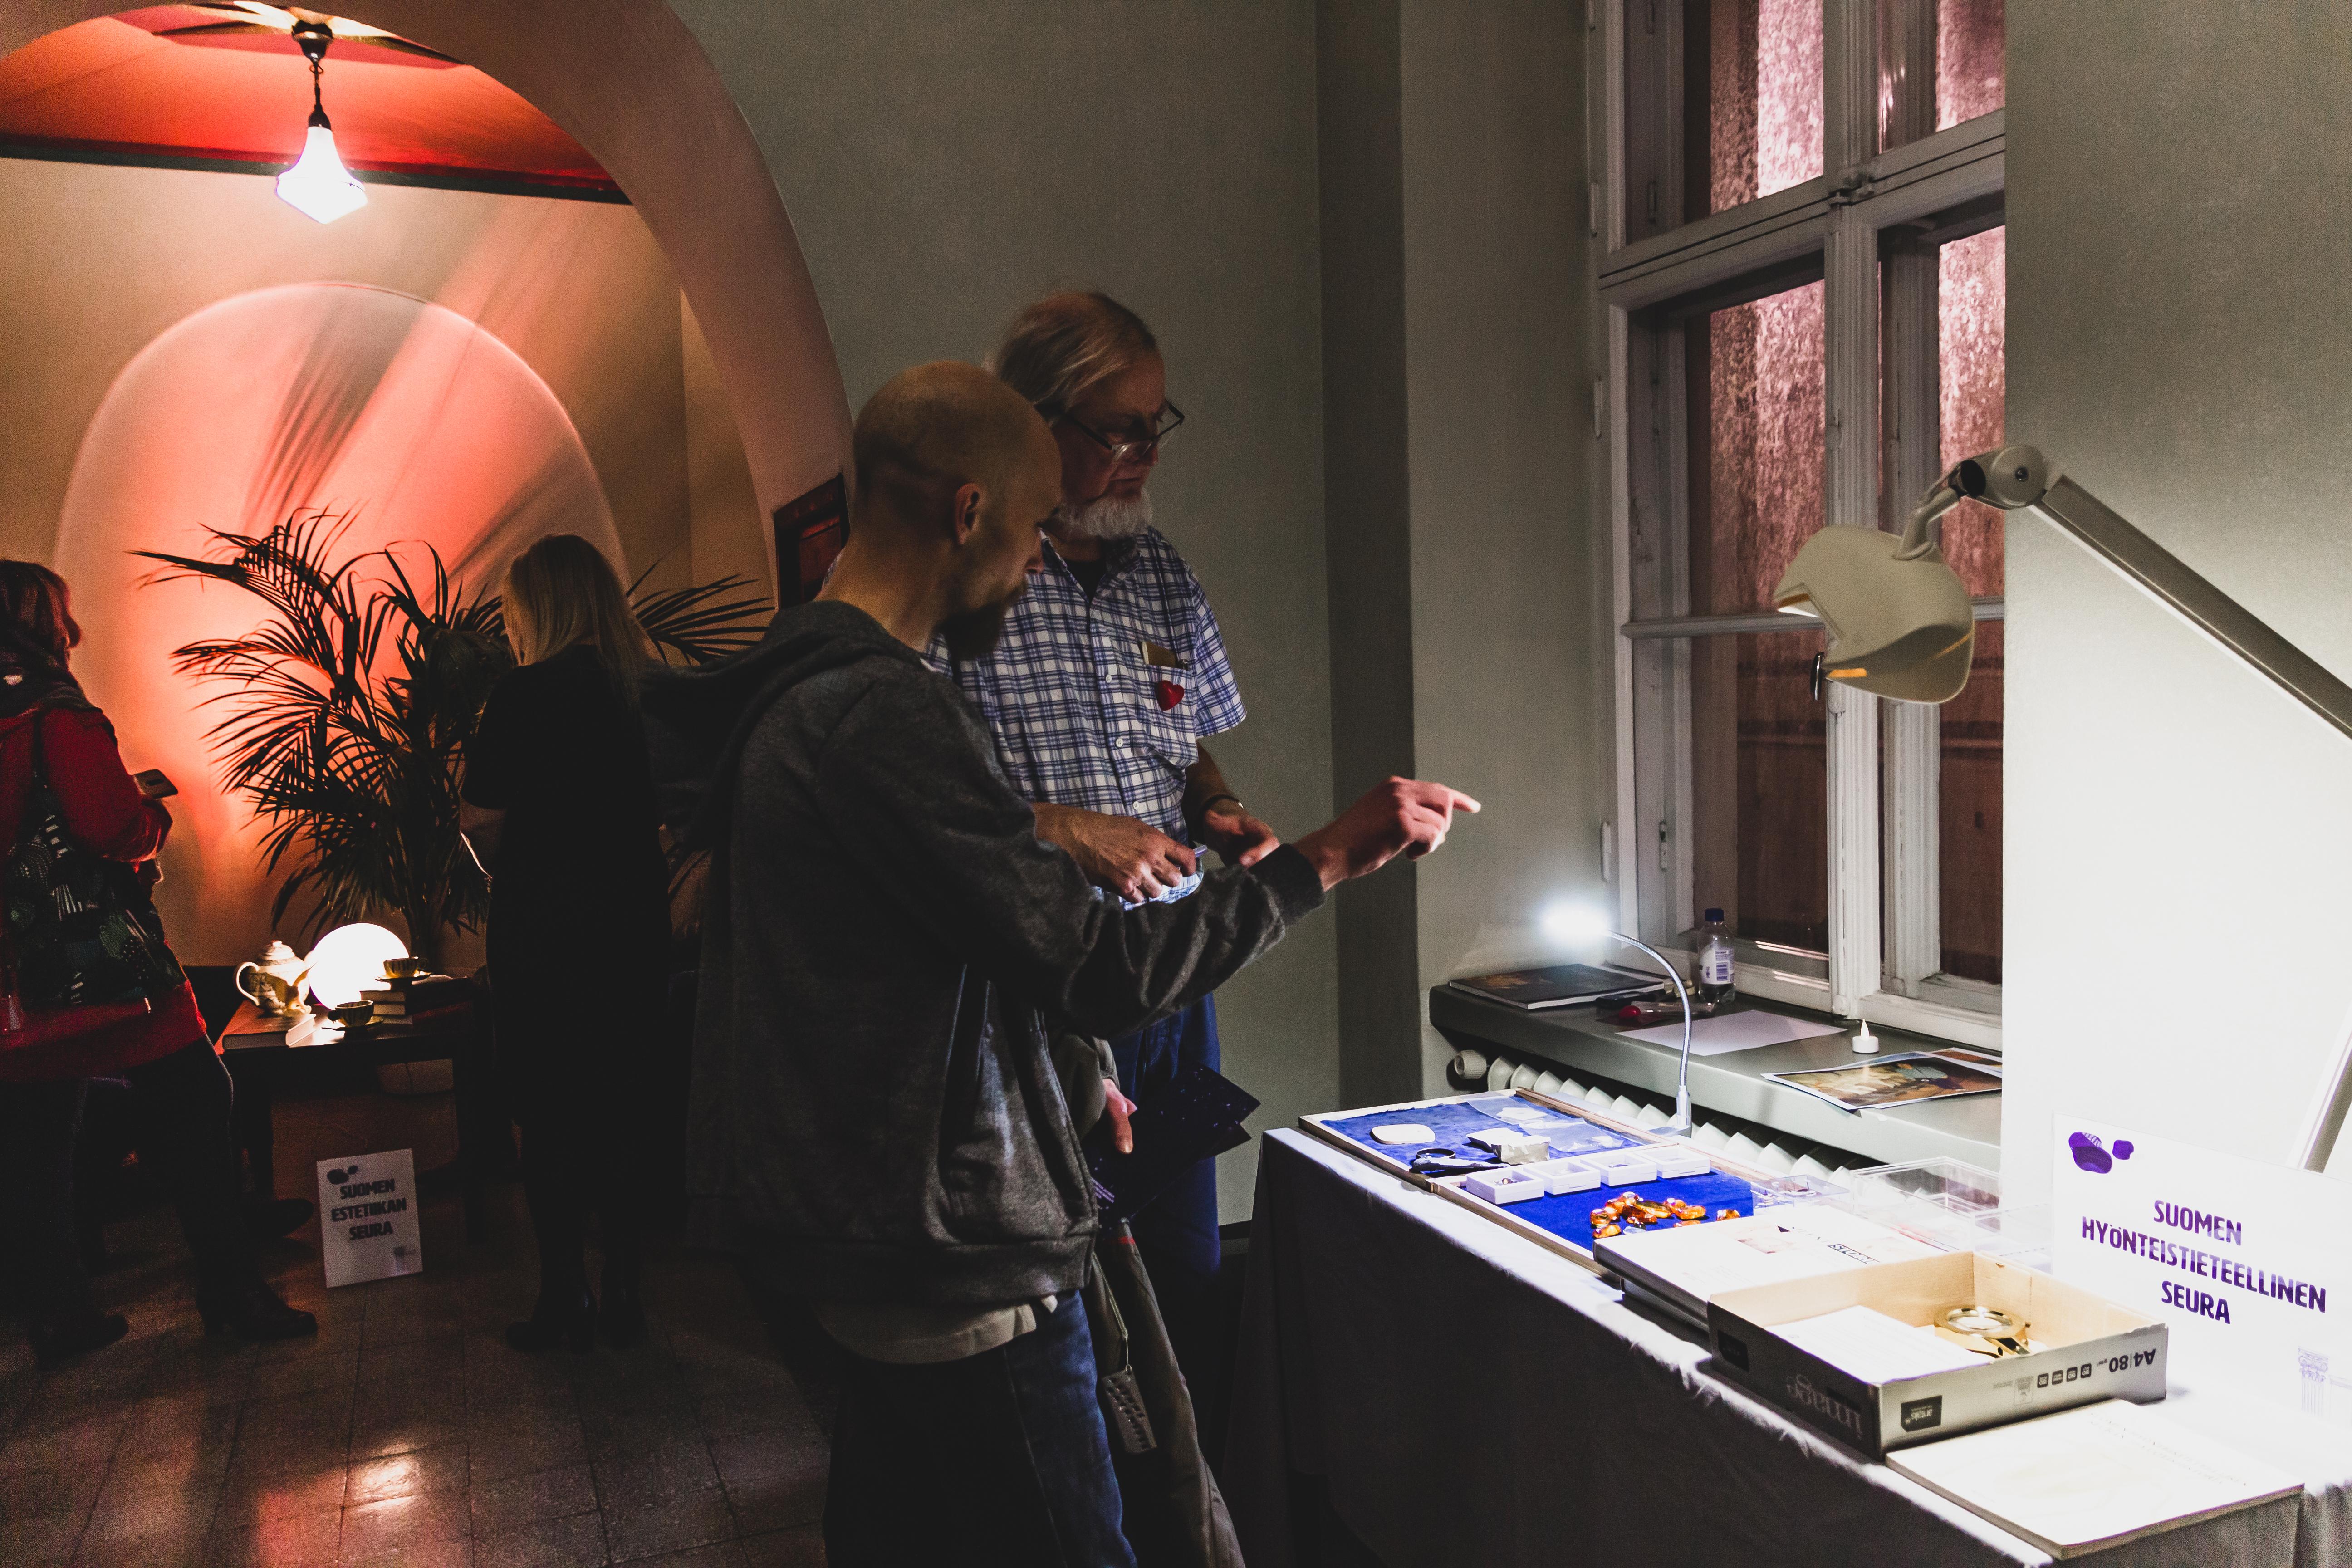 Tunnelmallinen kuva Tieteiden yöstä, muutama ihminen tarkastelee näyttelypöytää.